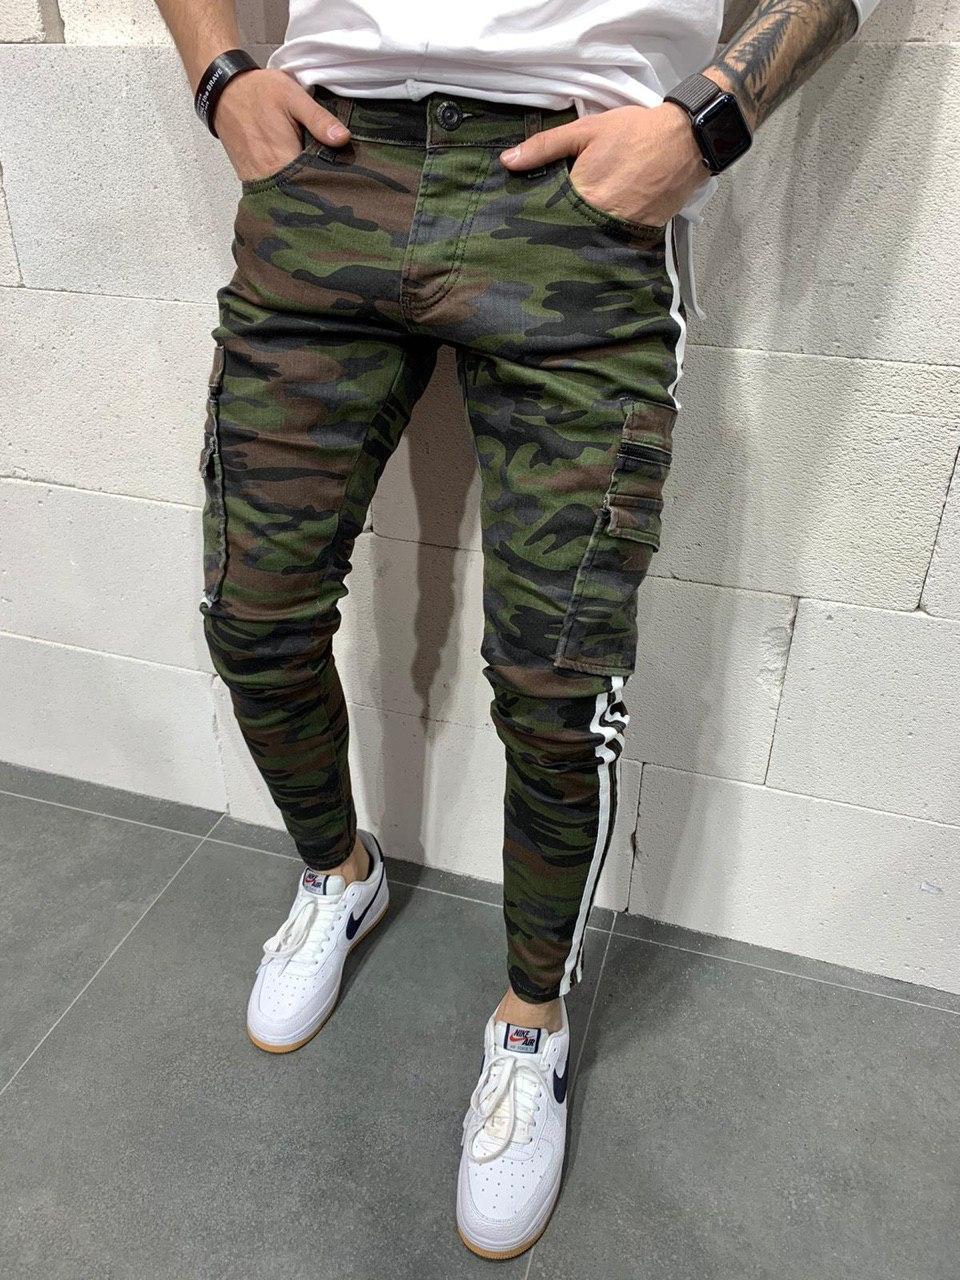 Джинси чоловічі камуфляжні стильні з кишенями Туреччина